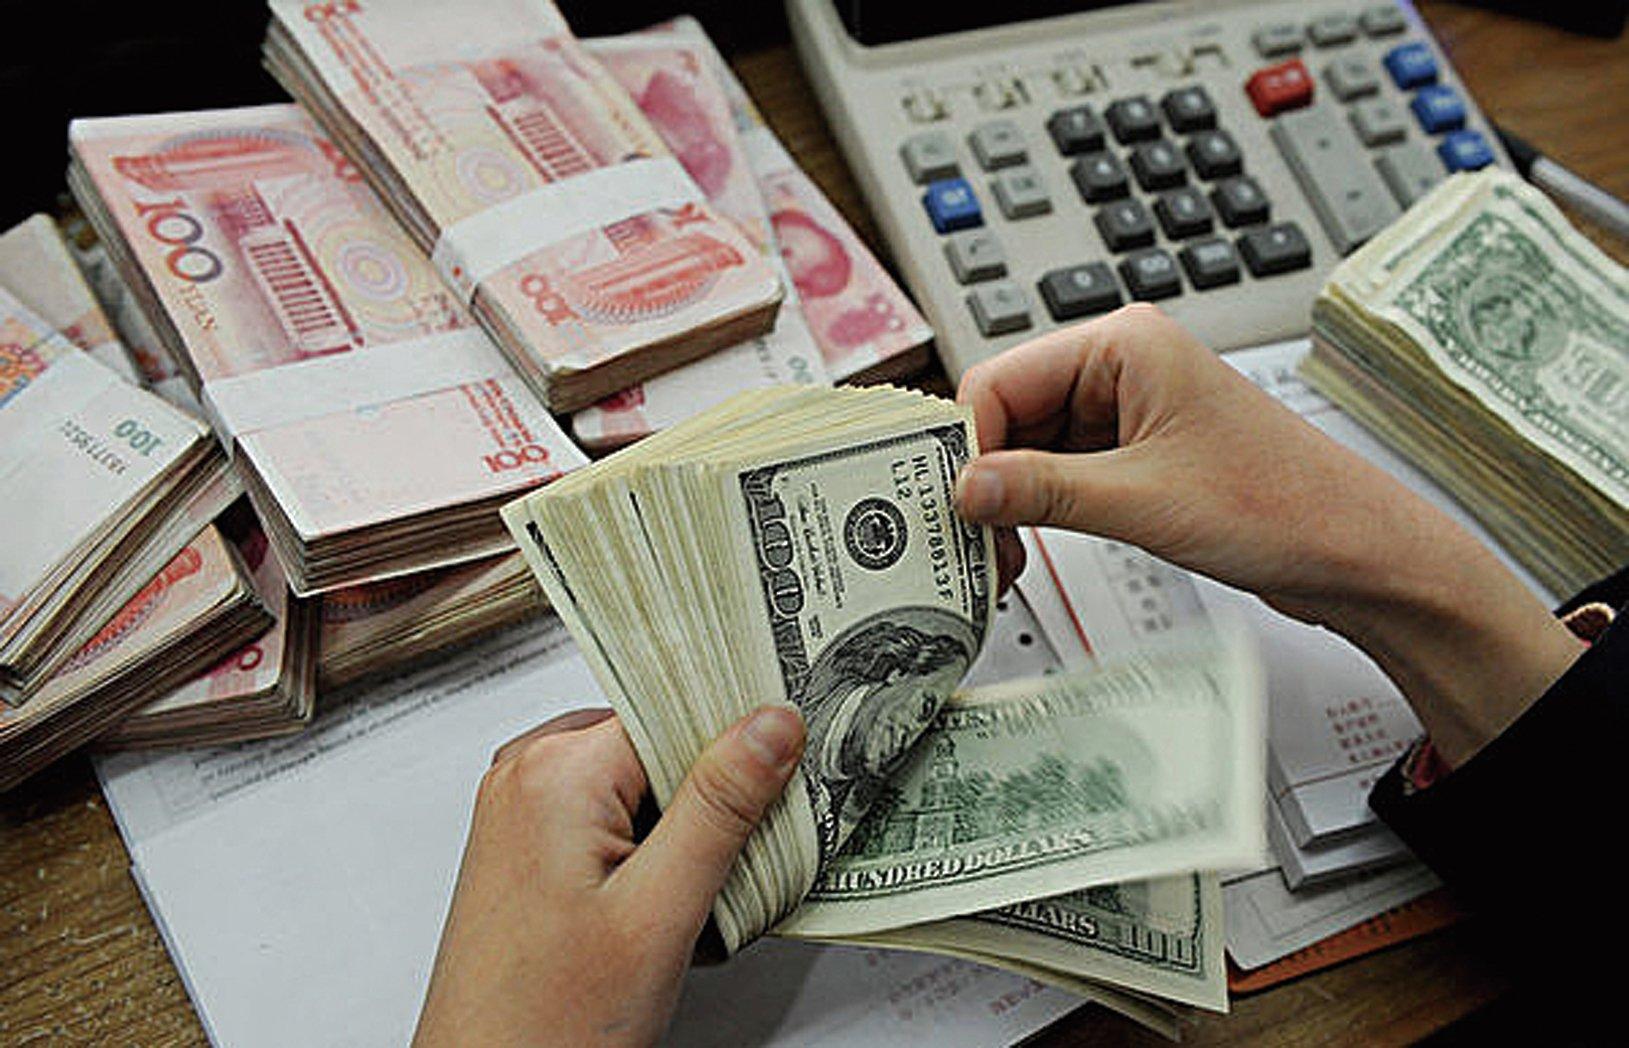 離岸和在岸人民幣兌美元匯率4日突然暴漲,5日漲勢持續,6日又大跌回吐前兩日漲幅。(STR/AFP/Getty Images)